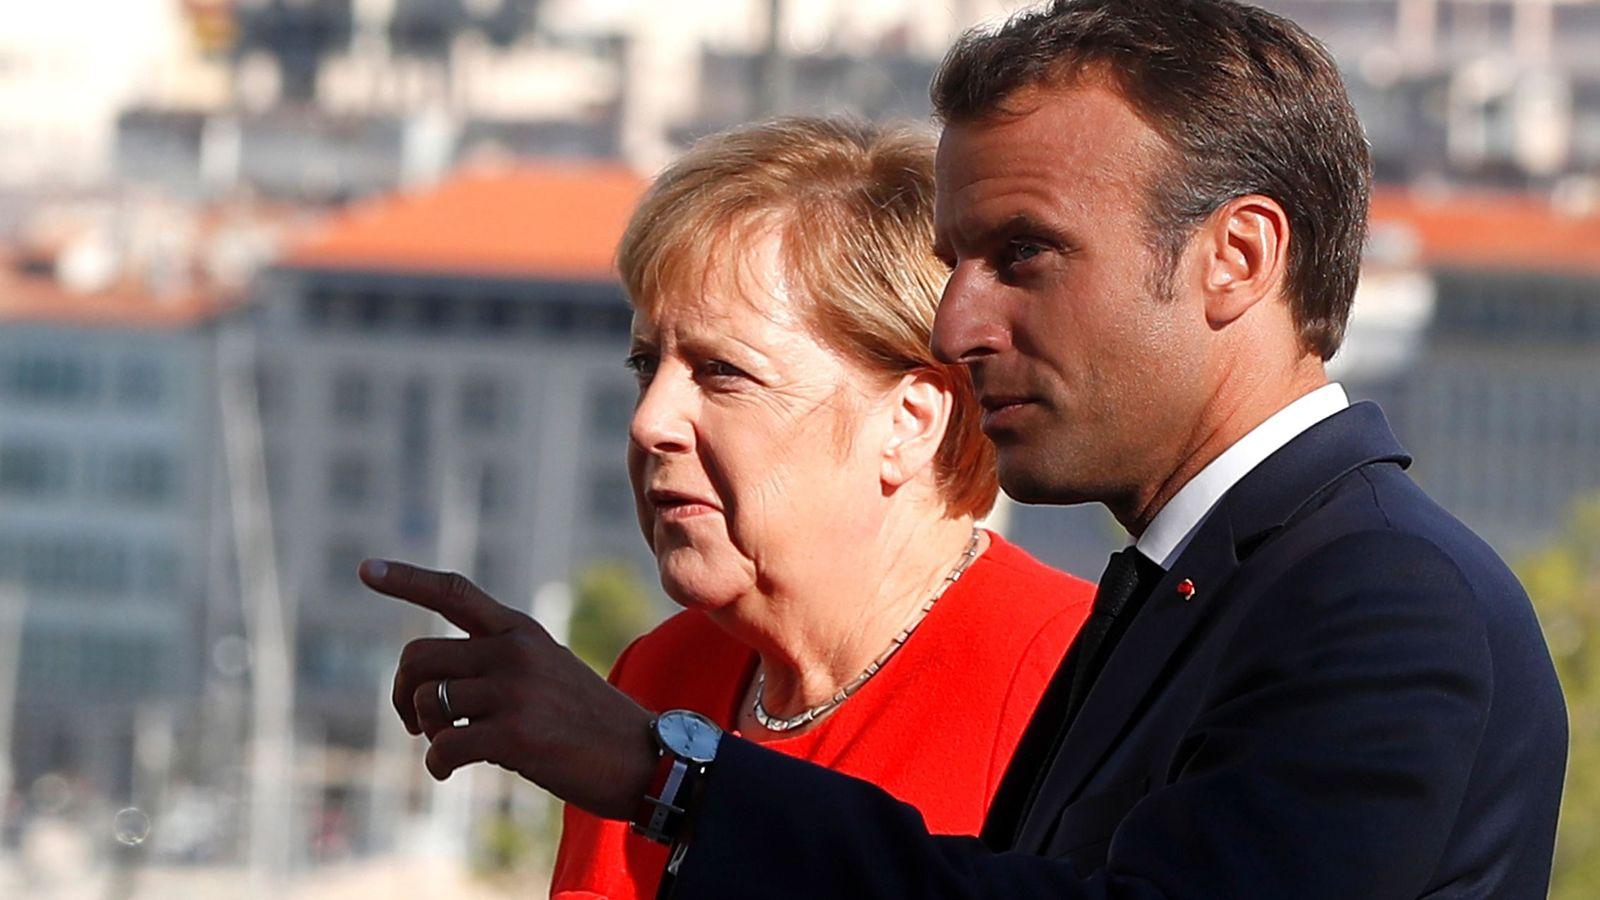 Foto: El presidente de Francia, Emmanuel Macron, recibe a la canciller alemana, Angela Merkel a su llegada al palacio Pharo en Marsella. (EFE)